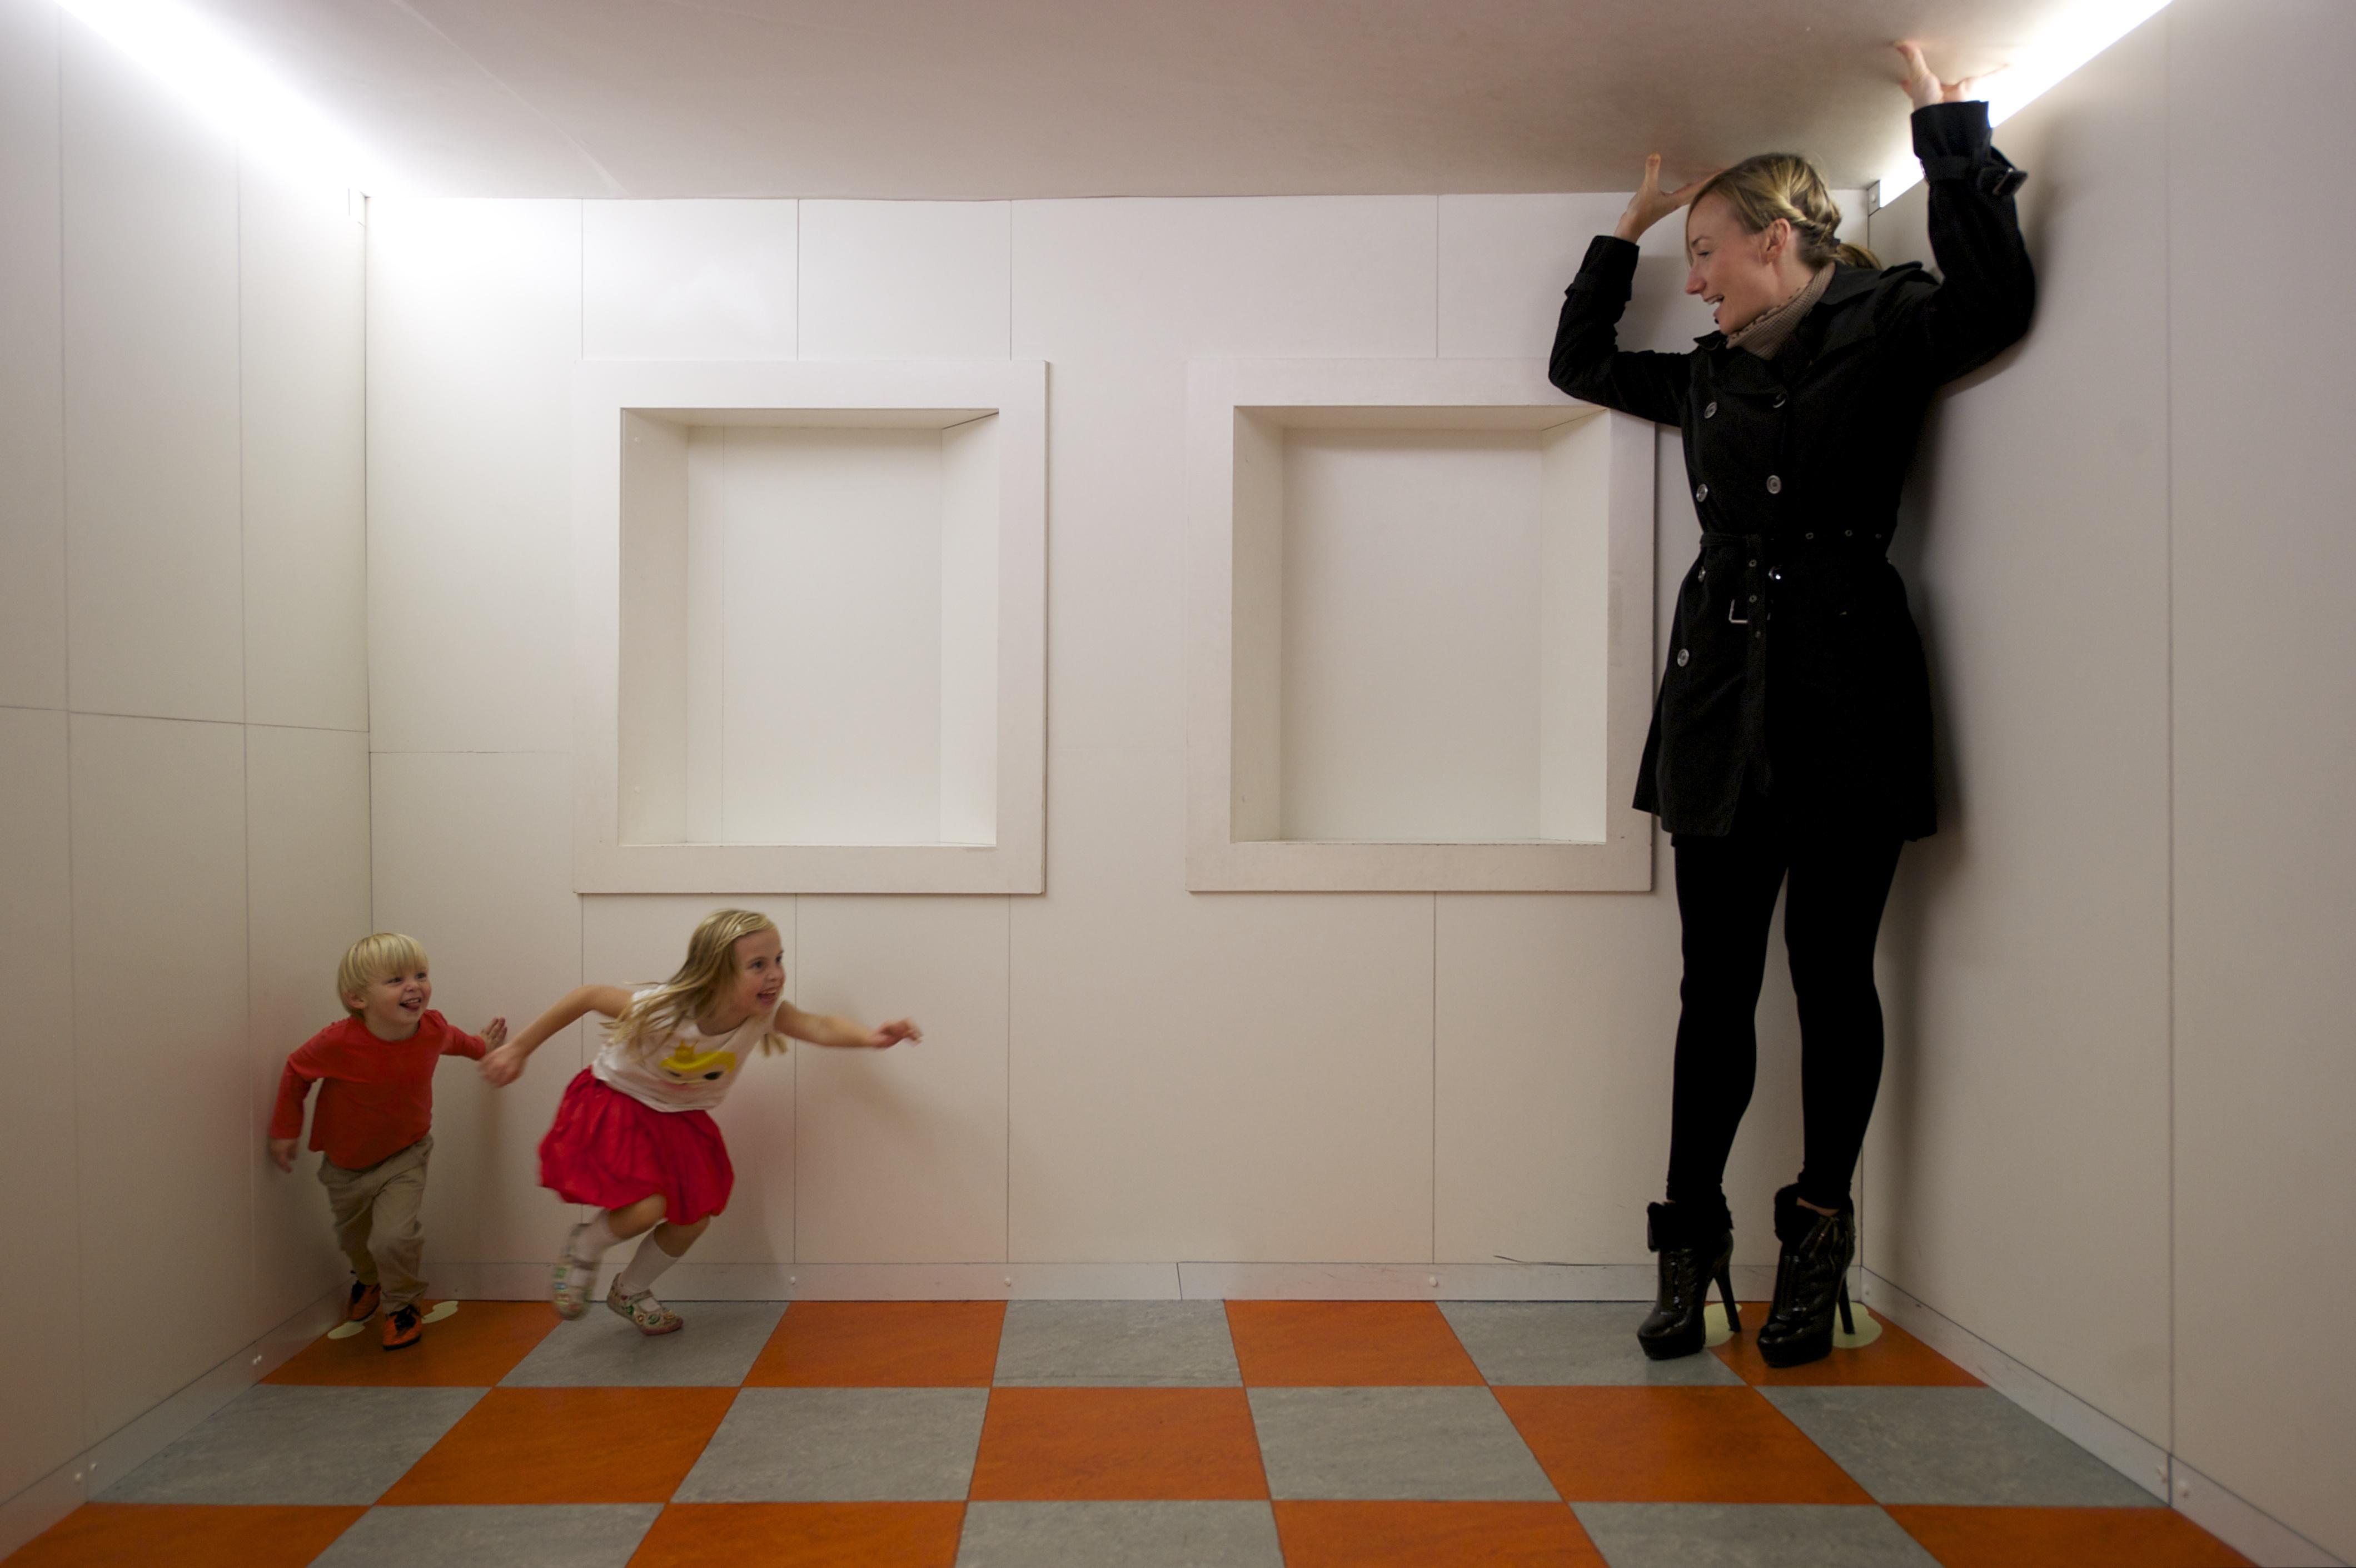 Ames Room, Camera Obscura & World of Illusions, Edinburgh